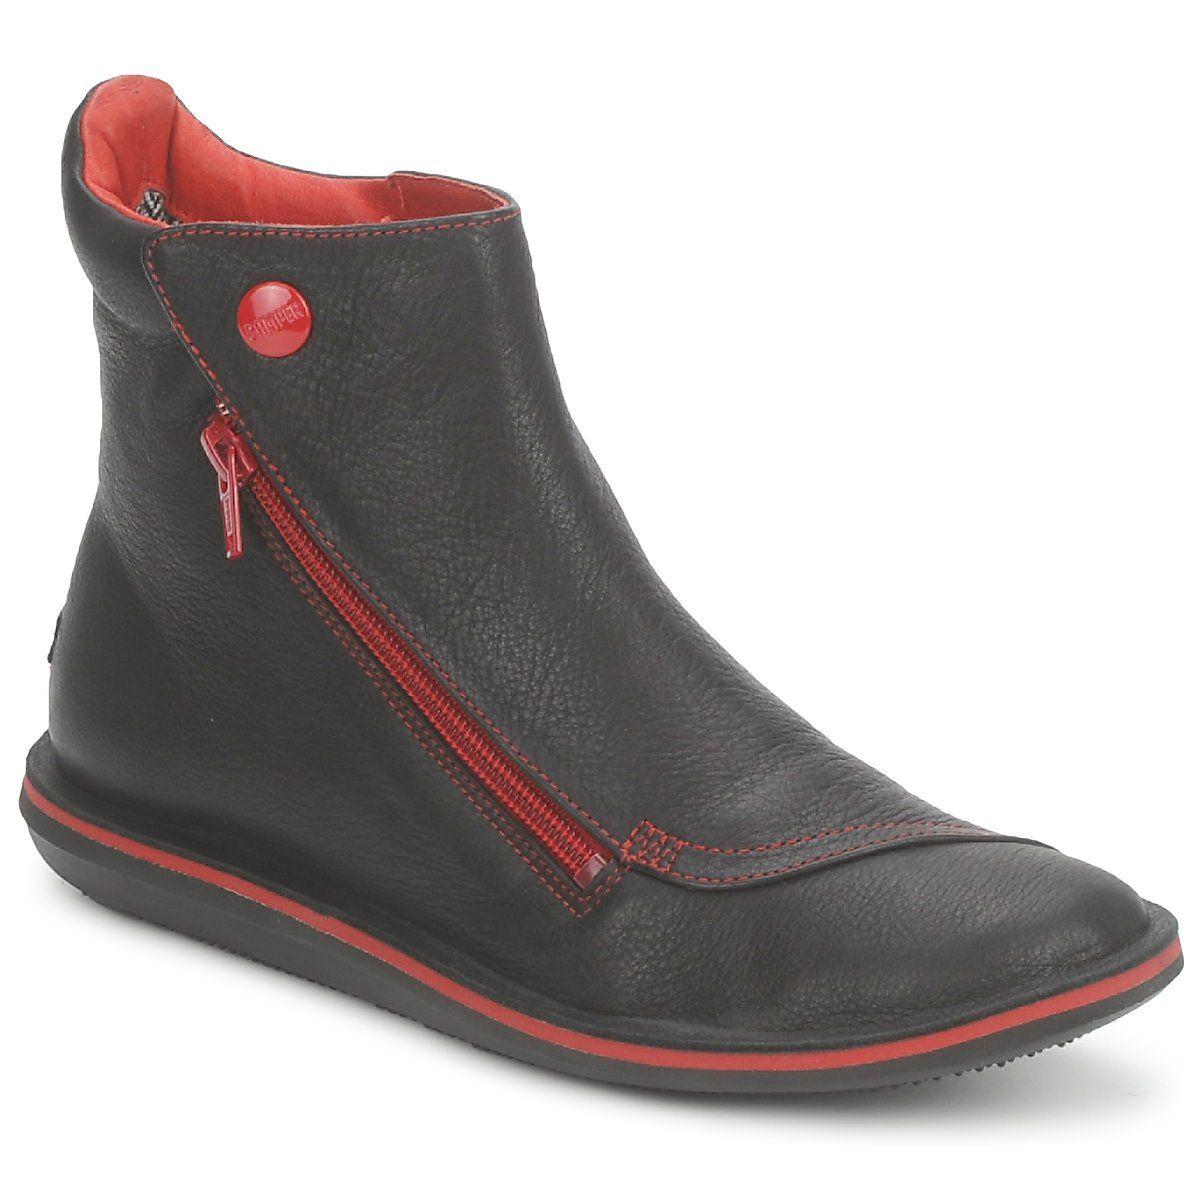 3a1dd8f175370 Boots Camper BEETLE MID Nero   Rosso - Consegna gratuita con Spartoo.it ! -  Scarpe Donna 155